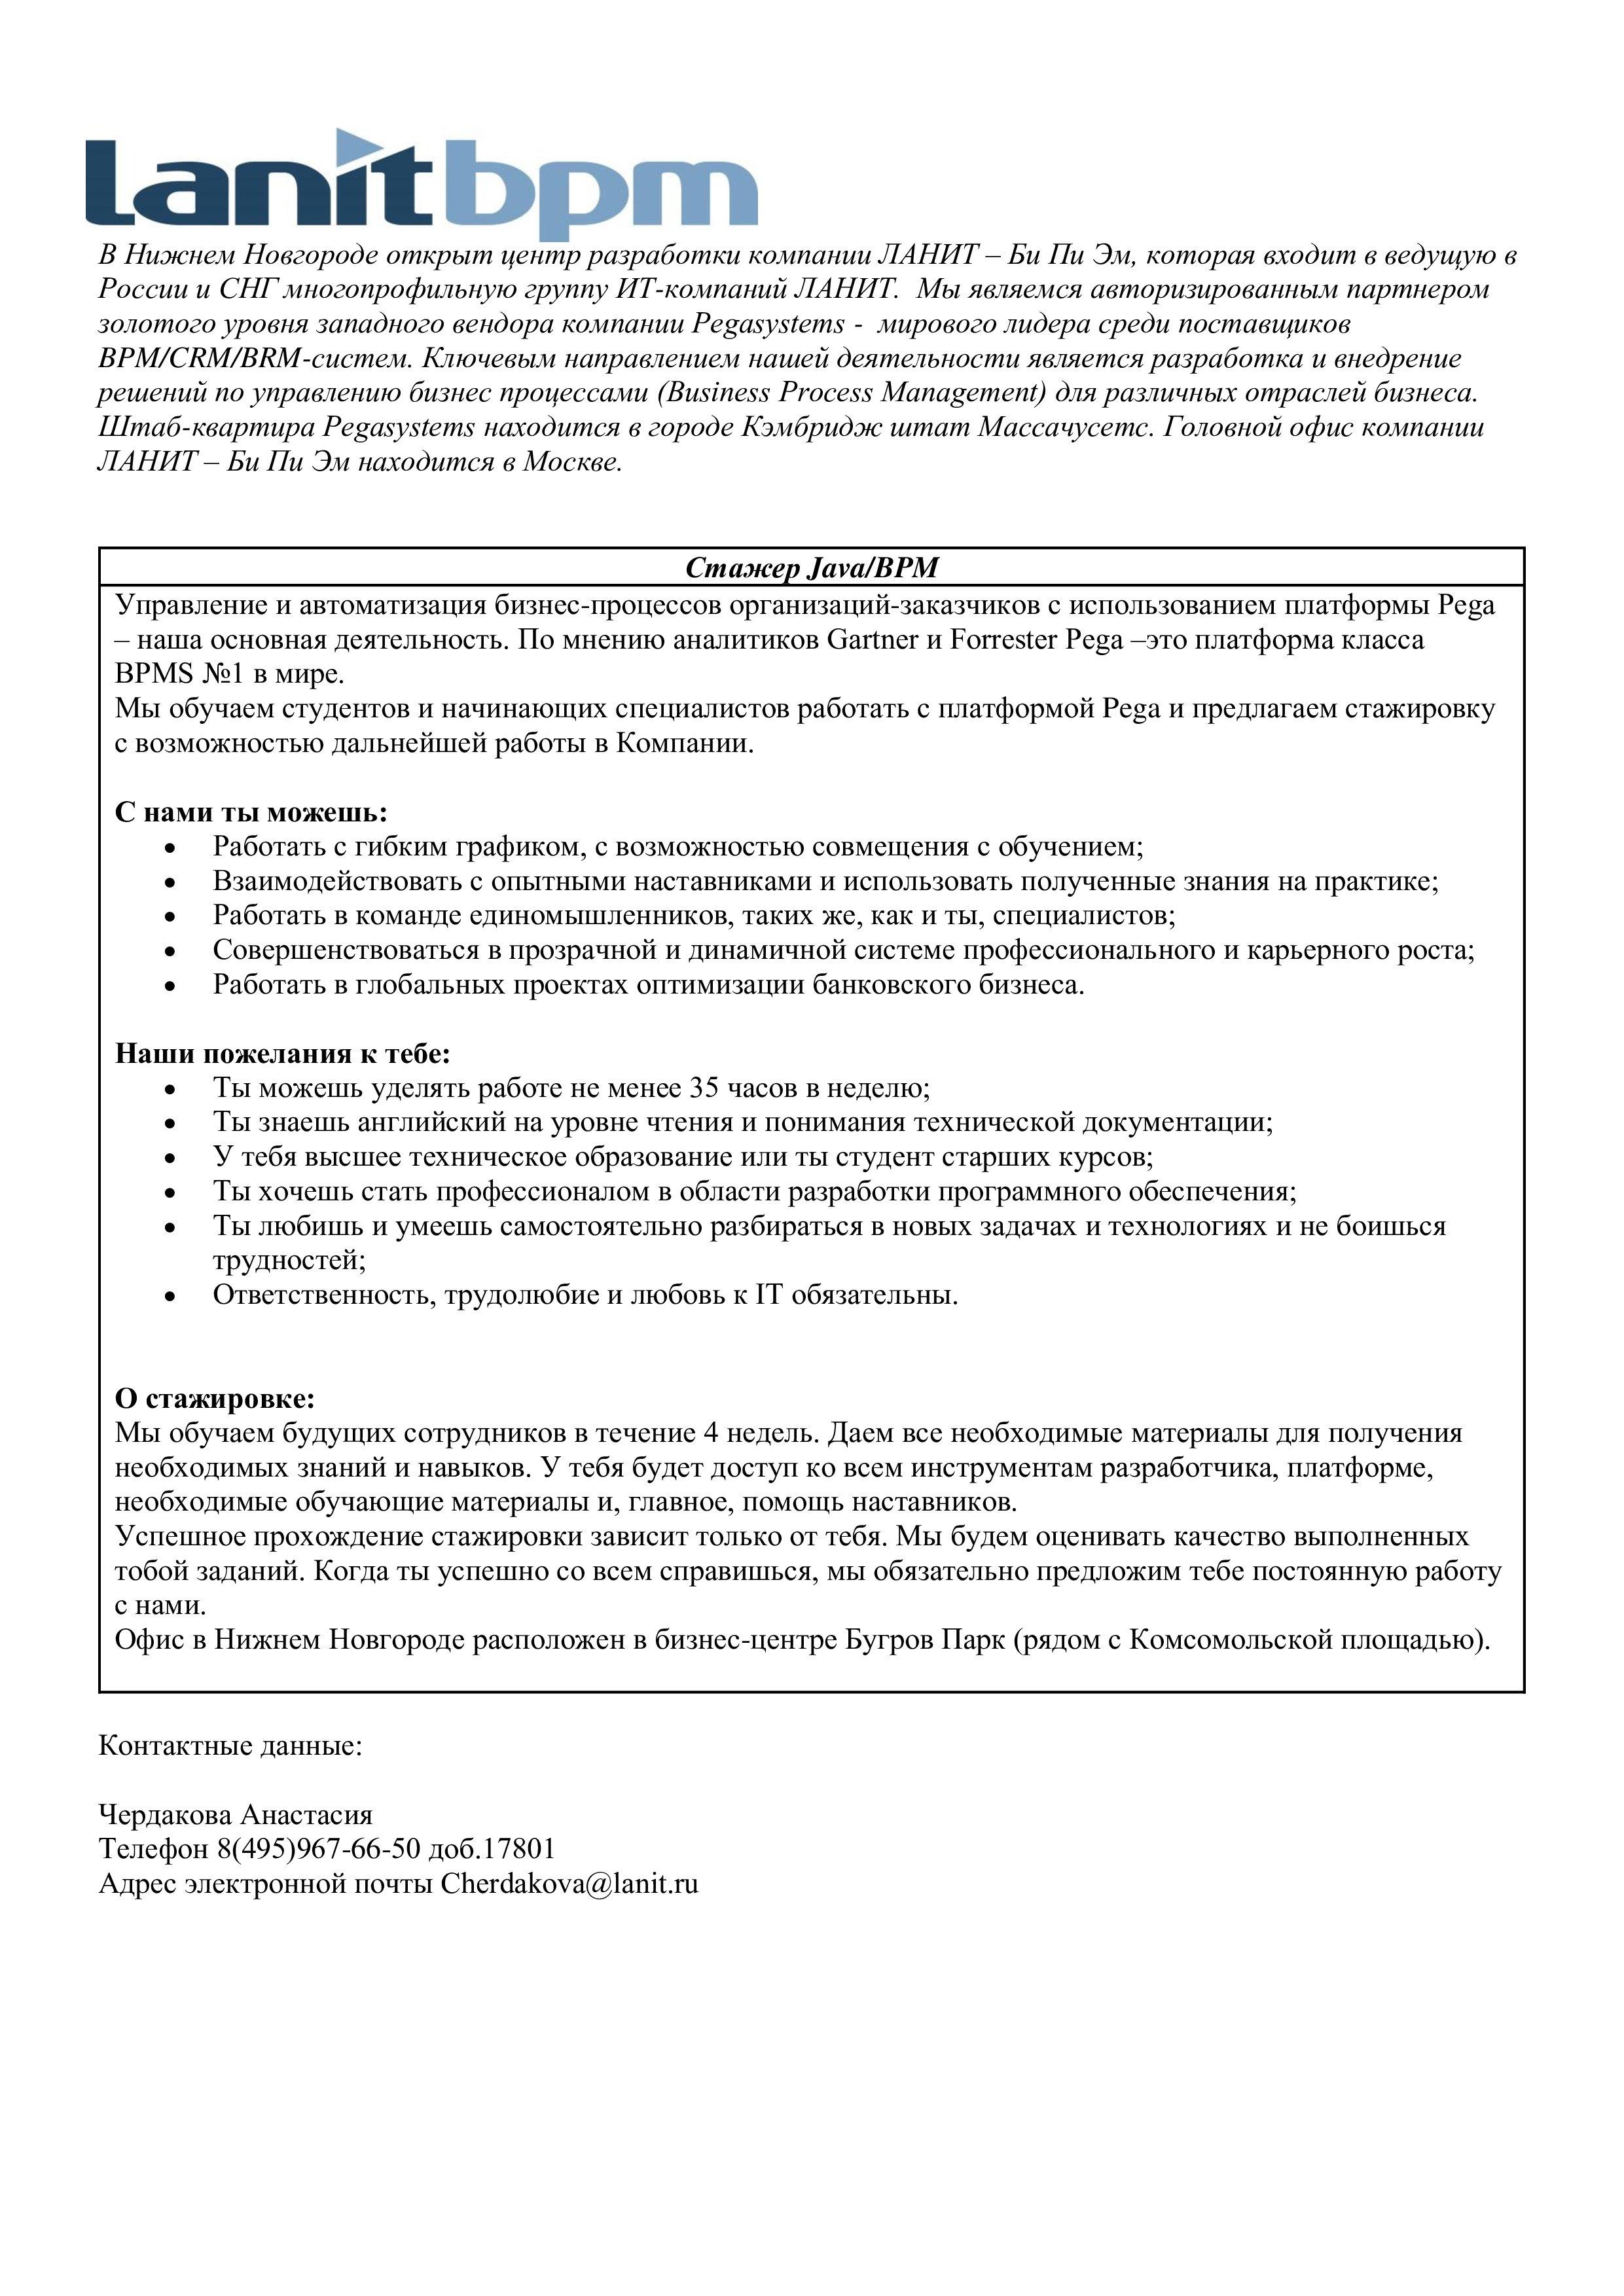 Вакансия ЛАНИТ - Би Пи Эм НН стажер_000